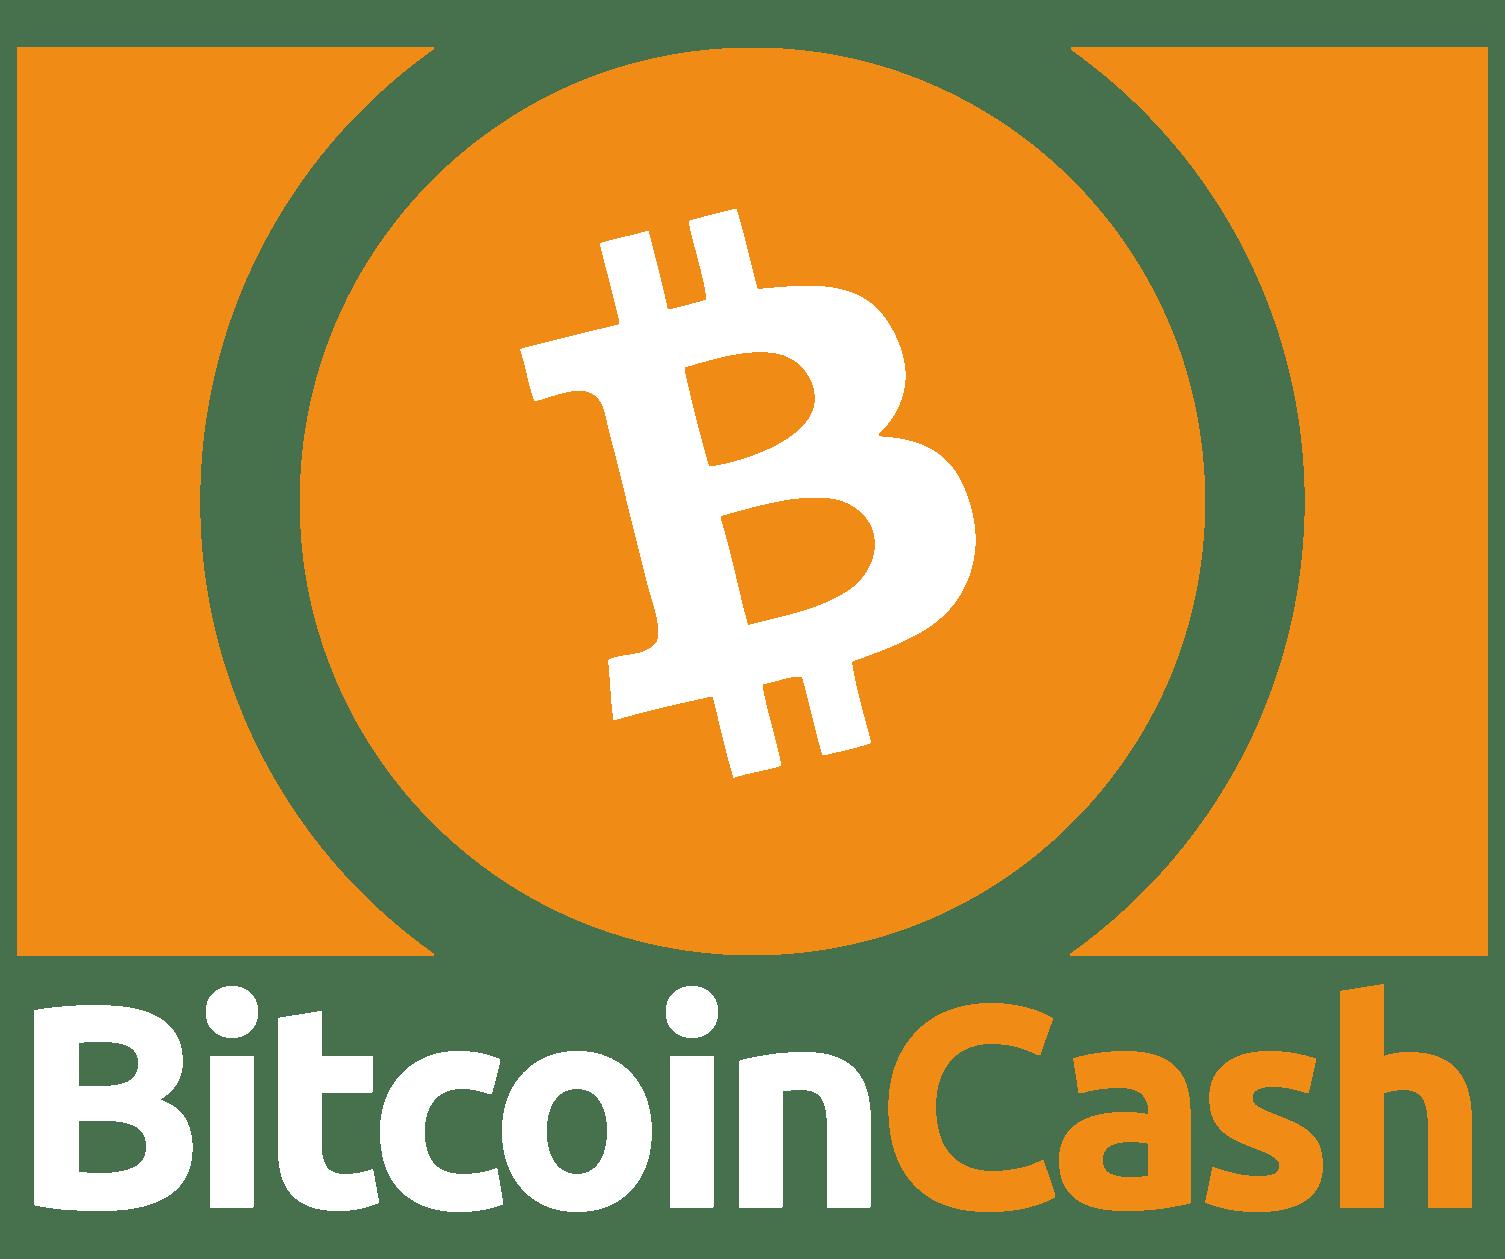 The Bitcoin Cash logo, orange on white.